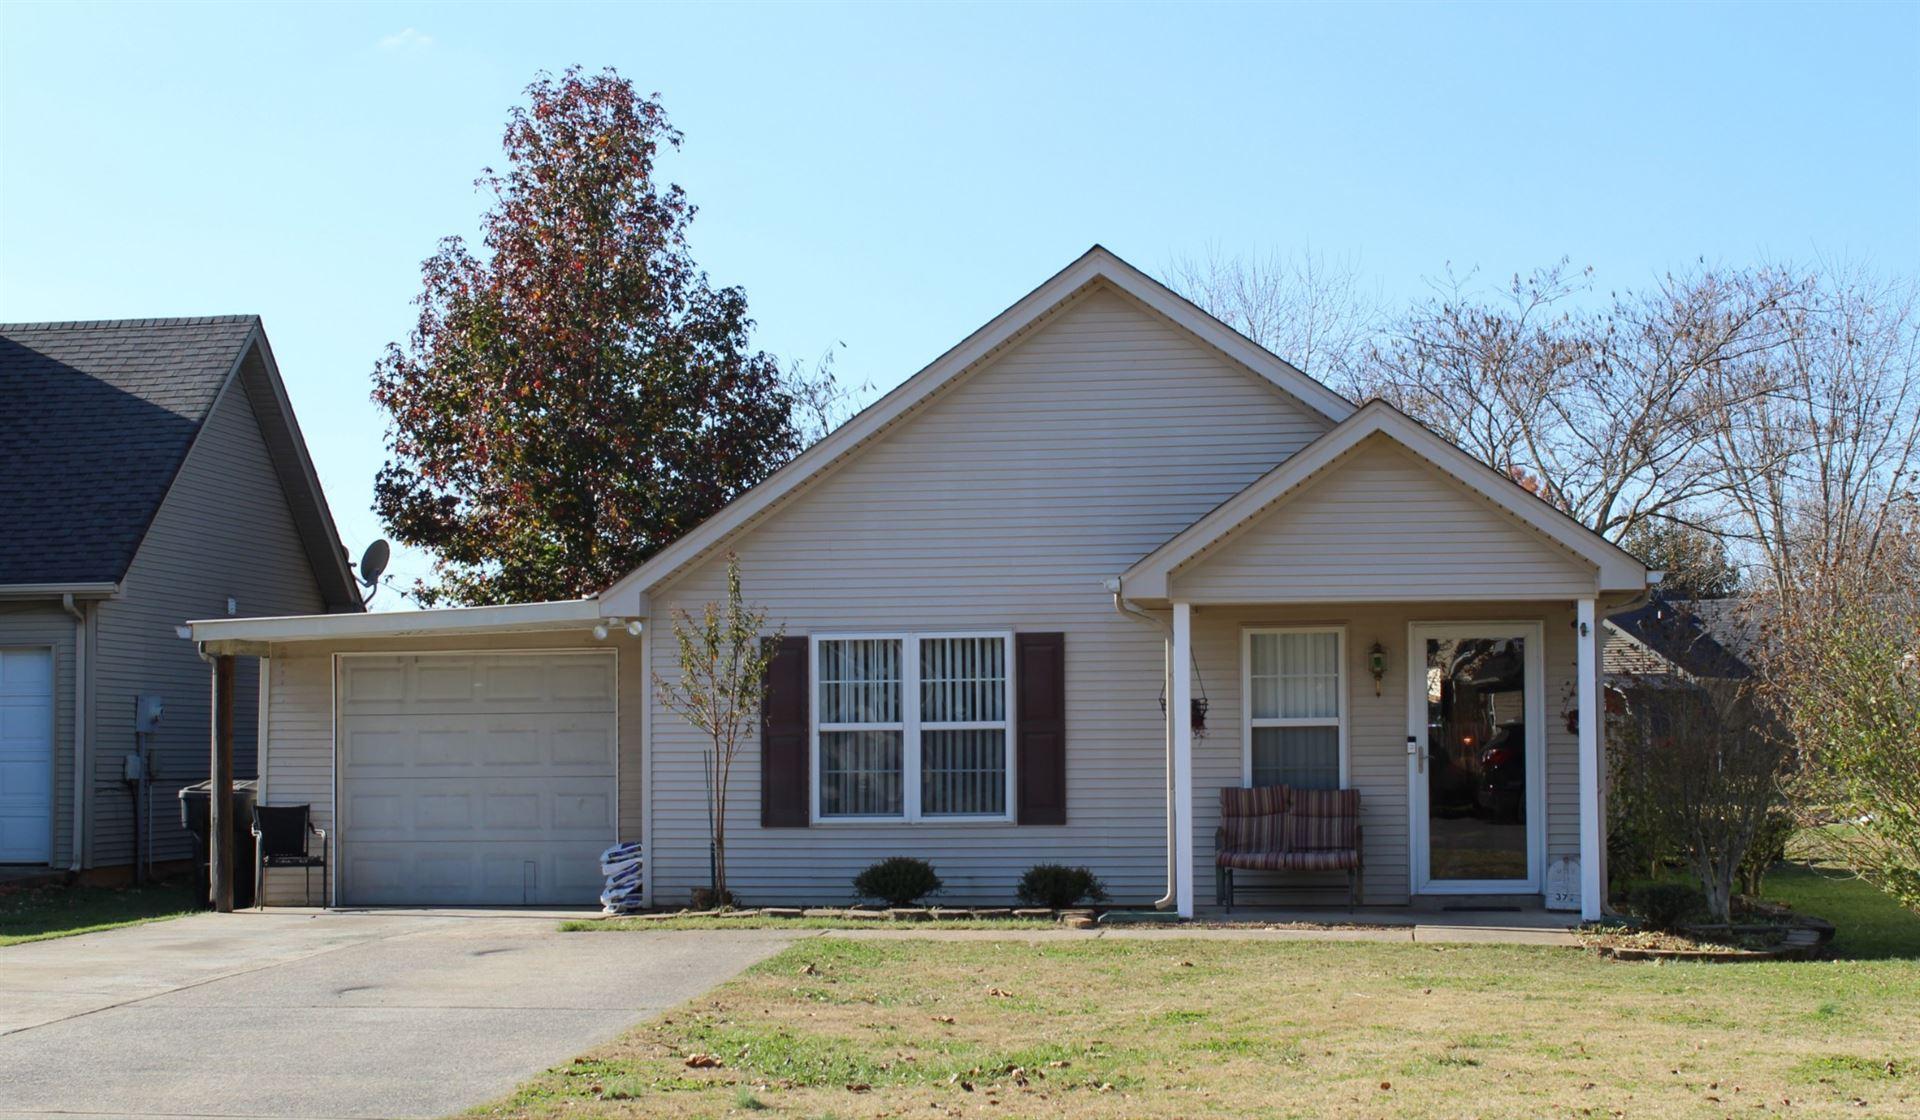 2726 Windwalker Ct, Murfreesboro, TN 37128 - MLS#: 2208596